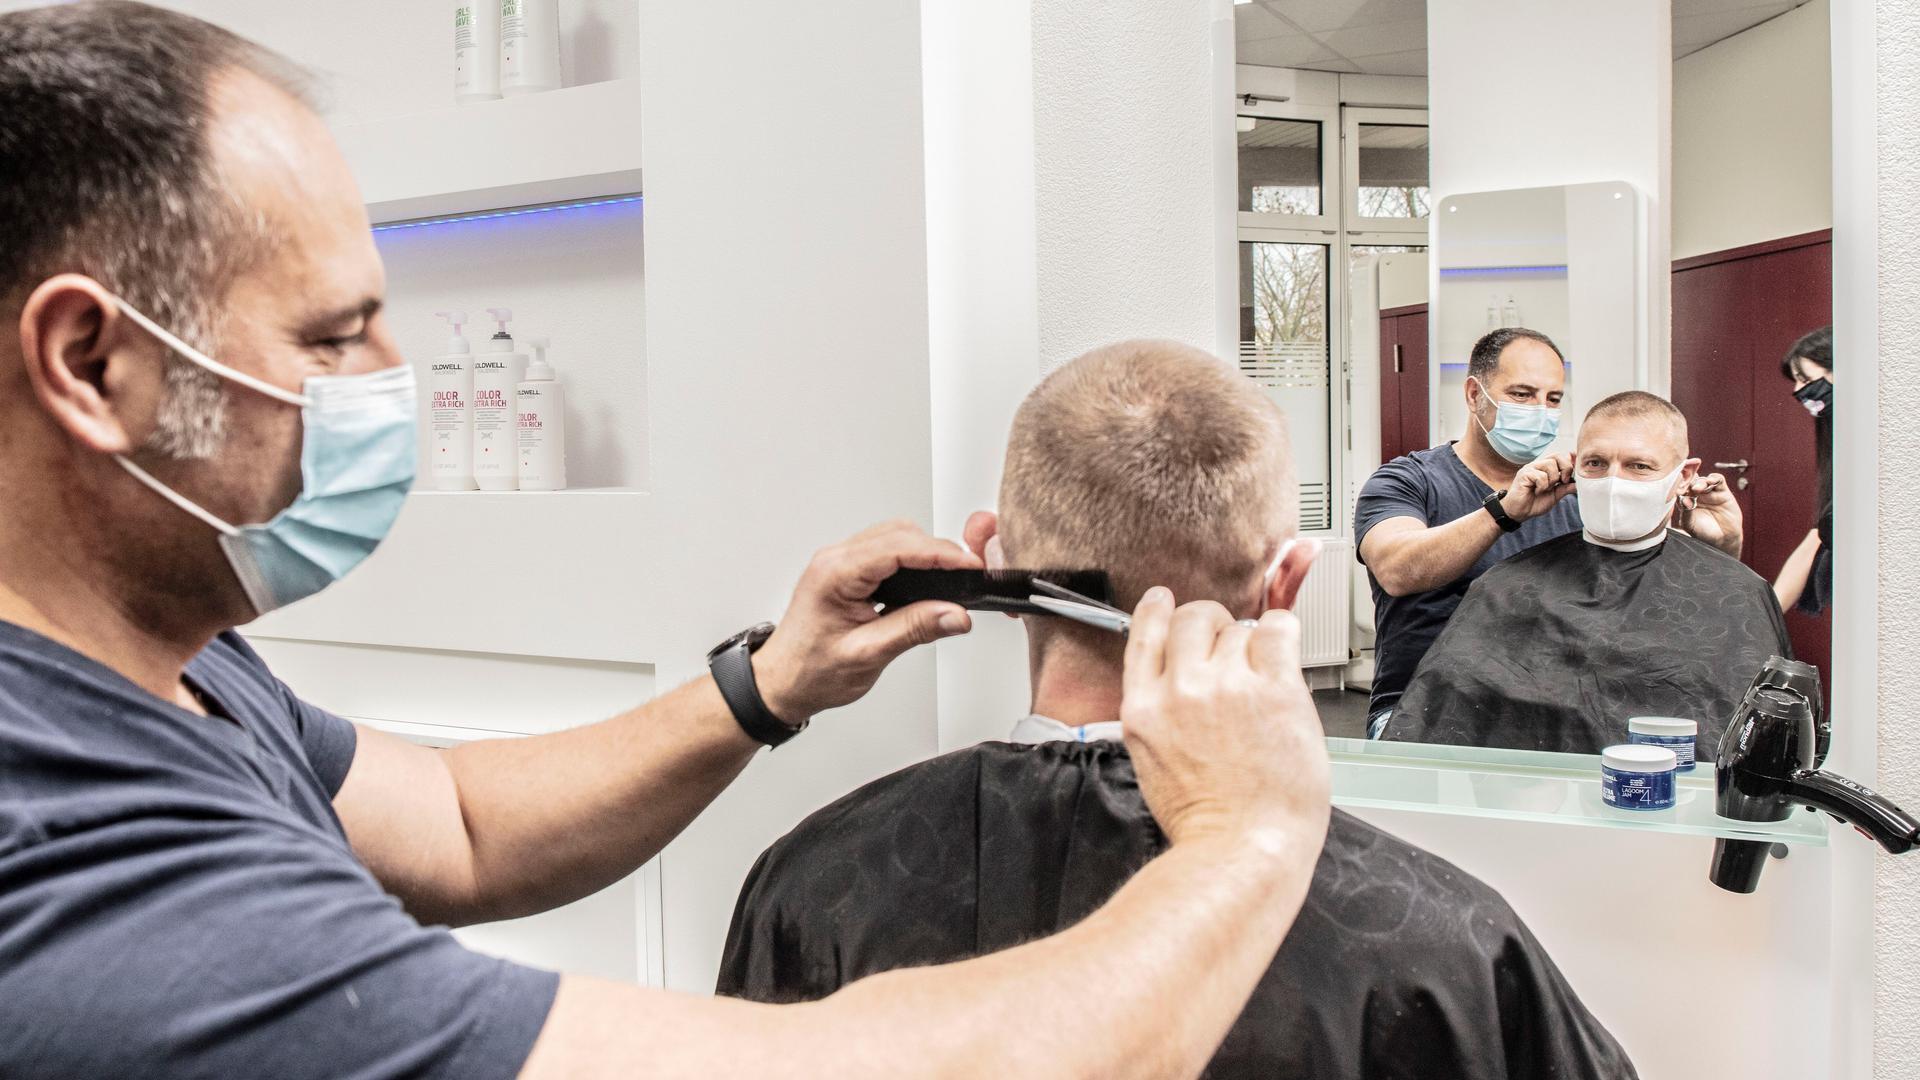 Friseur schneidet einem Mann die Haare.